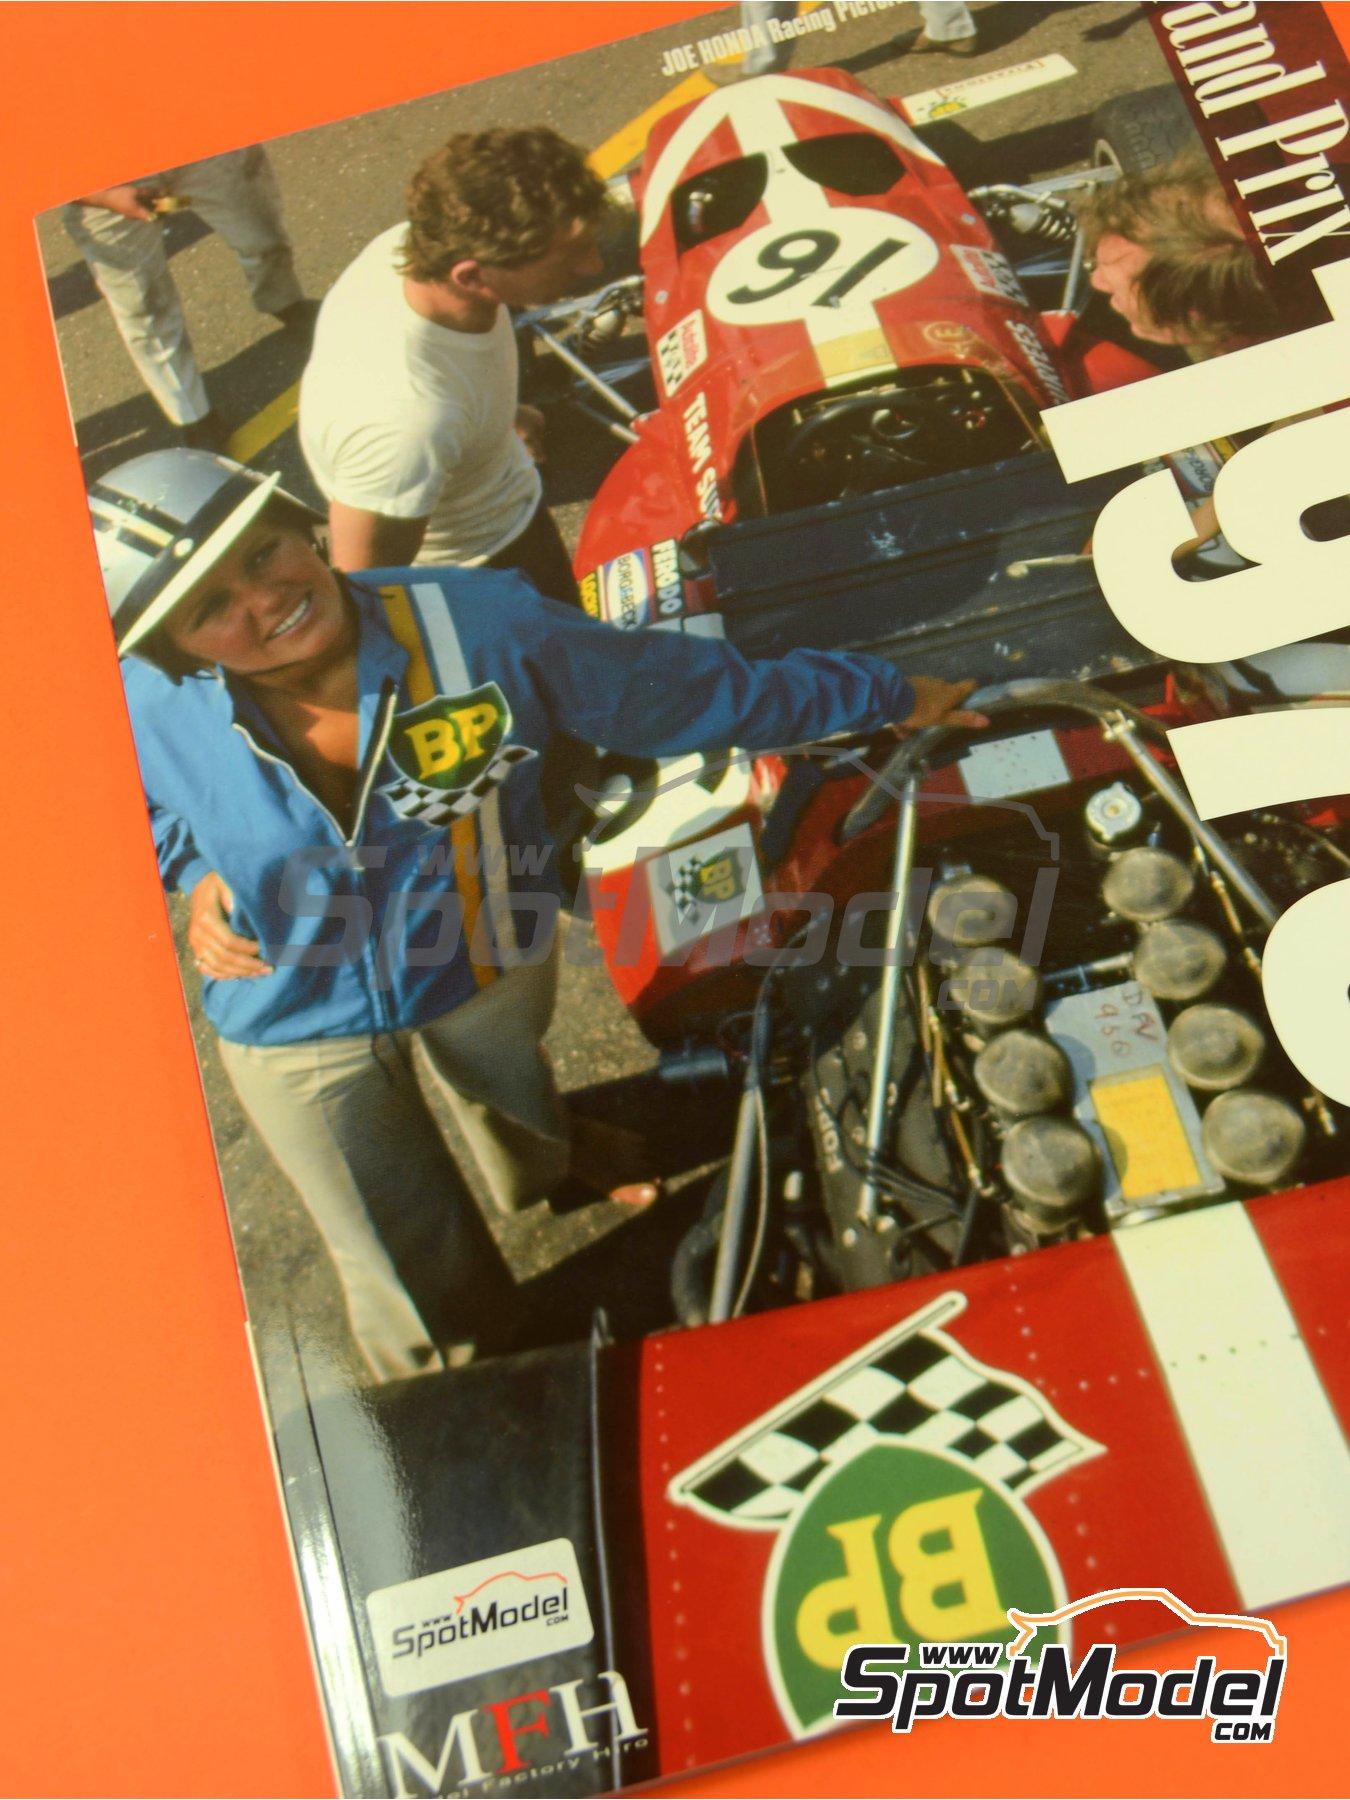 Joe Honda Racing Pictorial Series: Grand Prix, part 1 -  1970 | Libro de referencia fabricado por Model Factory Hiro (ref.MFH-JH42) image